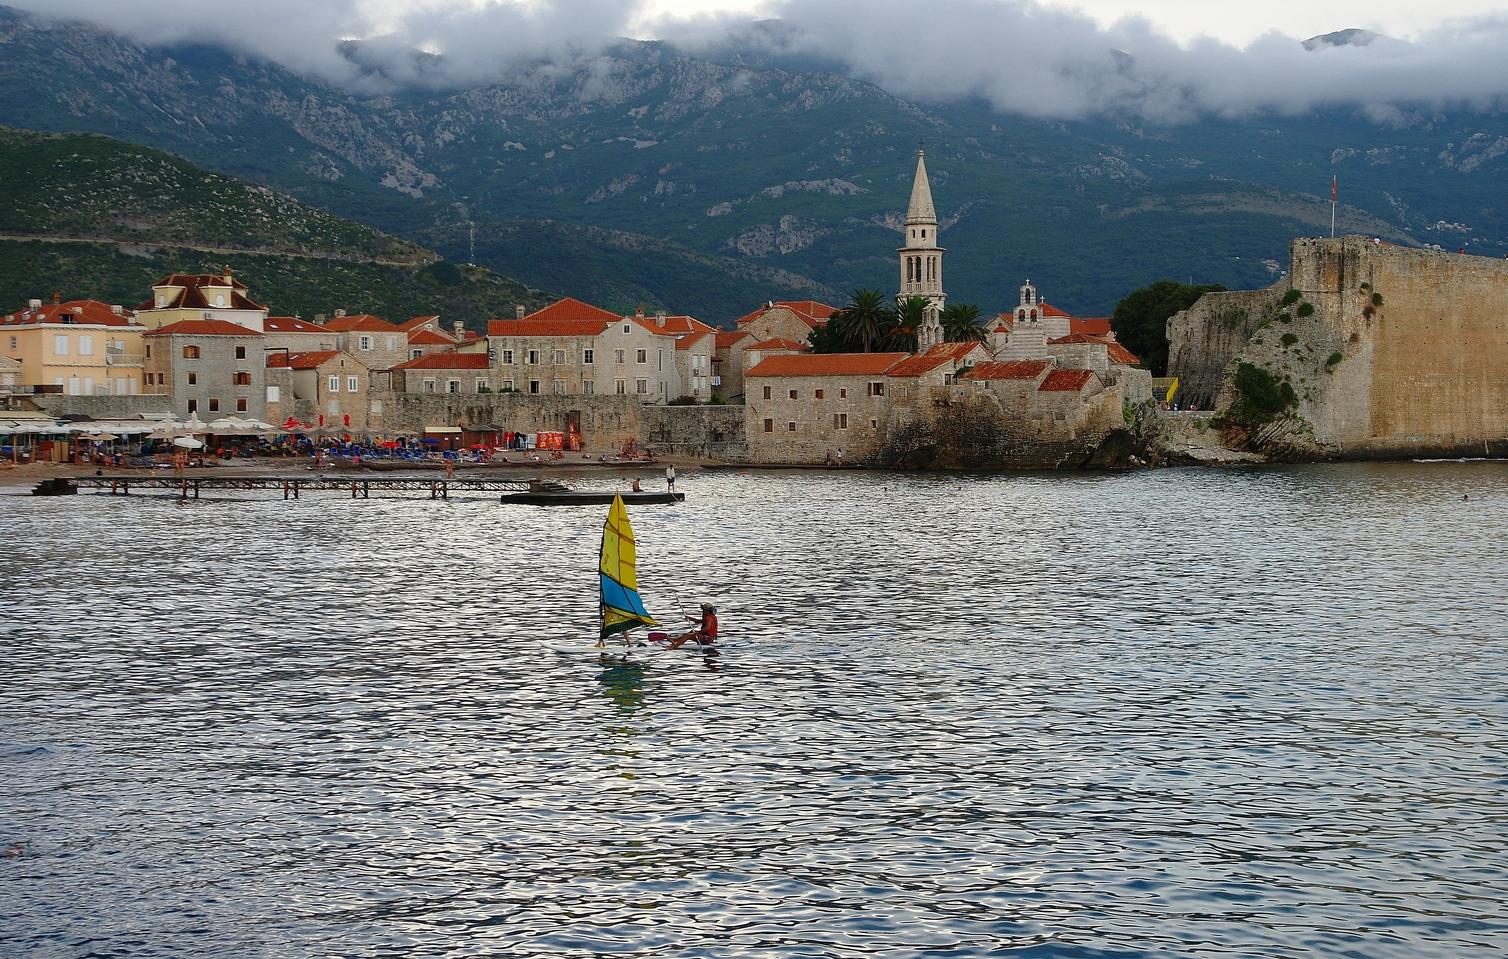 Август в Черногории достаточно жаркий, кроме высокогорных местностей